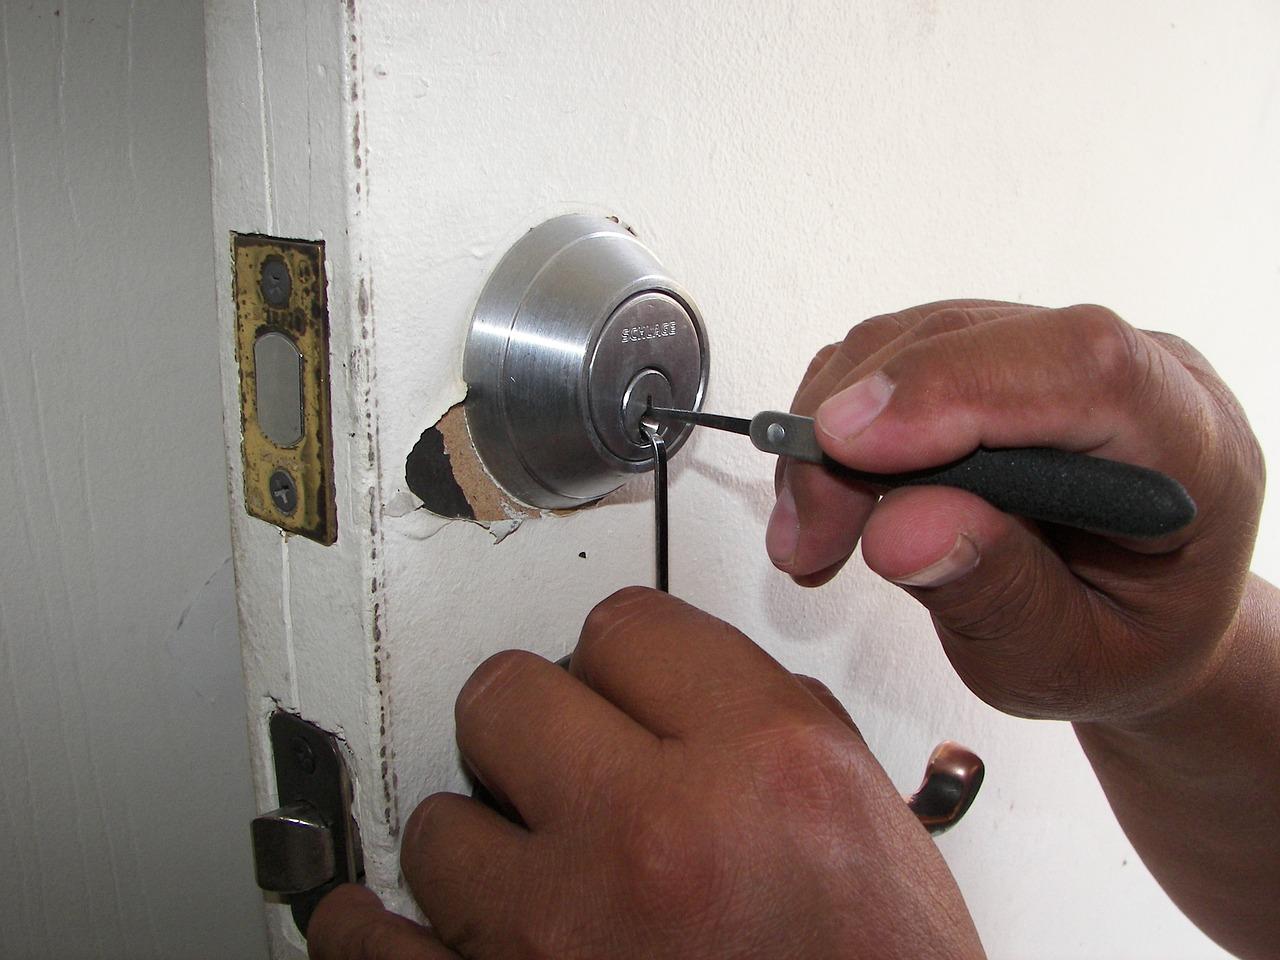 7 de cada 10 mexicanos temen por la seguridad de su hogar cada que se ausentan